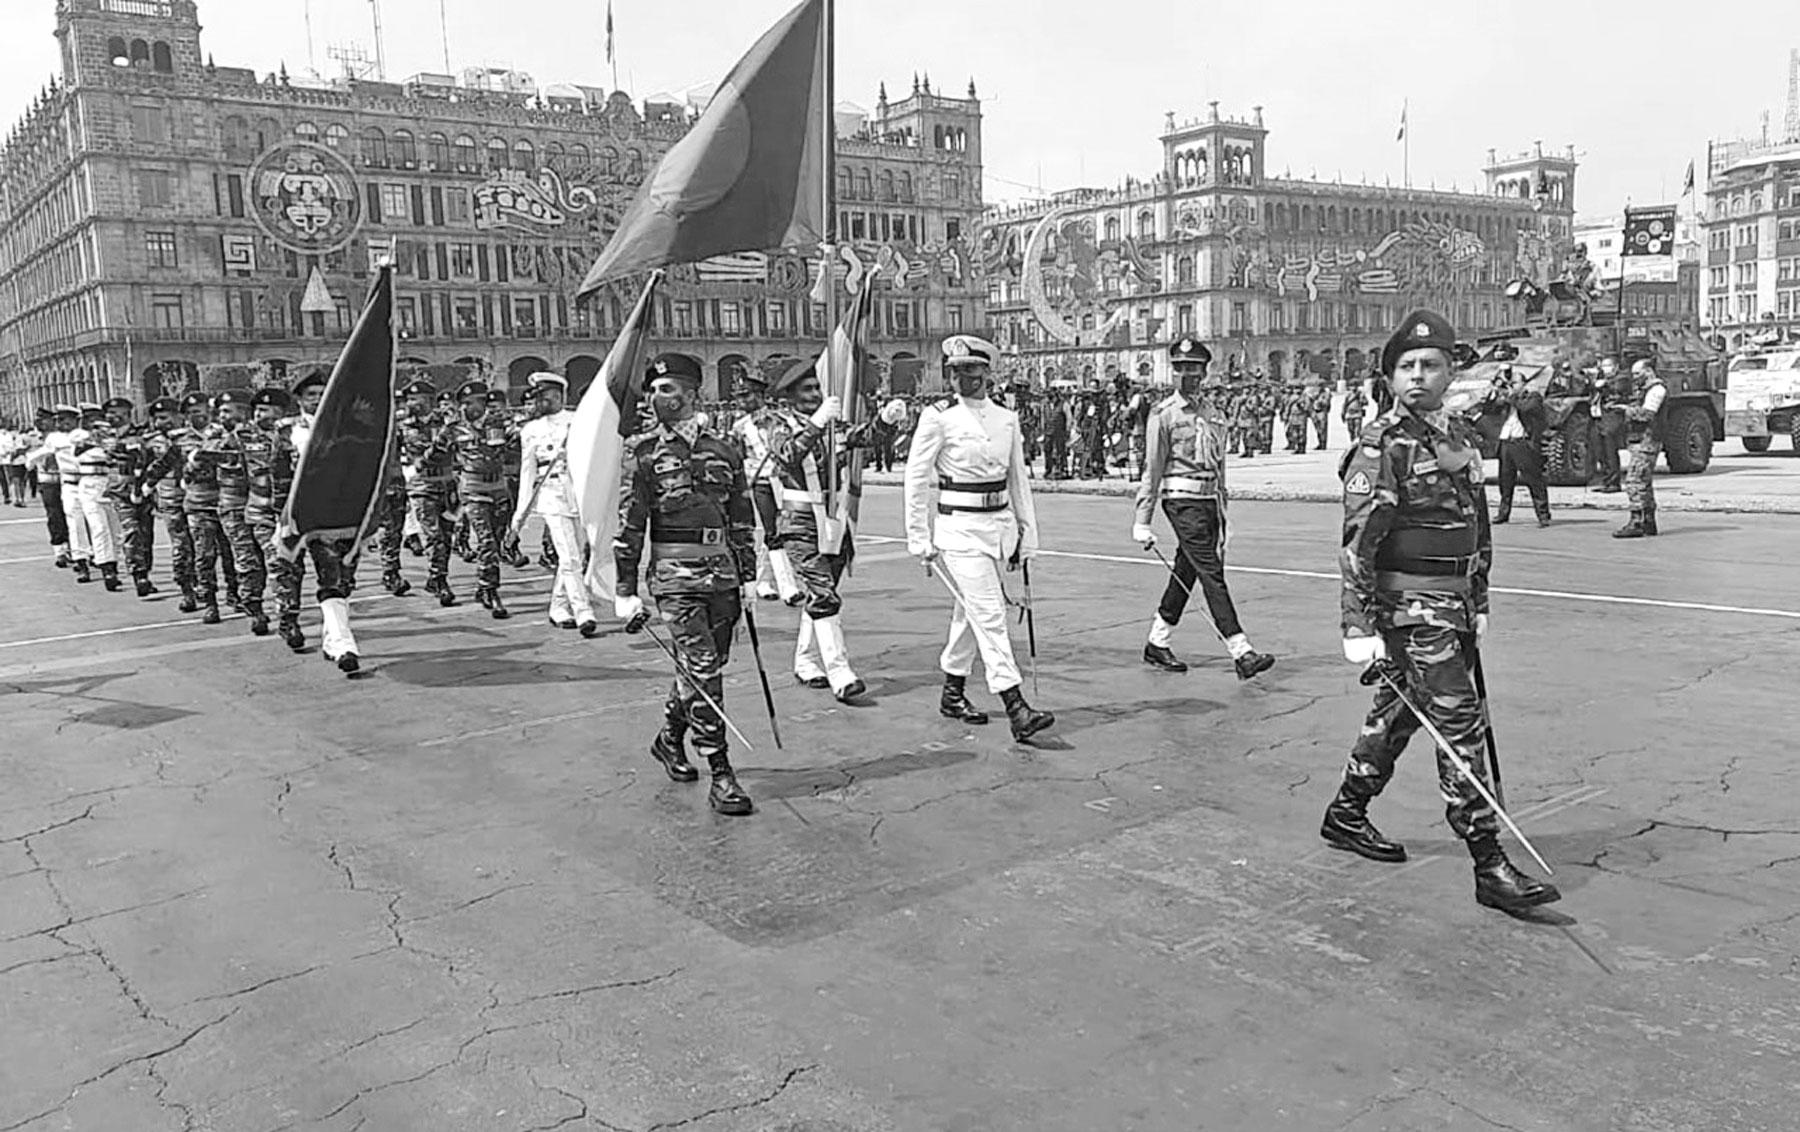 মেক্সিকোর স্বাধীনতা দিবসের কুচকাওয়াজে বাংলাদেশ সশস্ত্র বাহিনীর অংশগ্রহণ